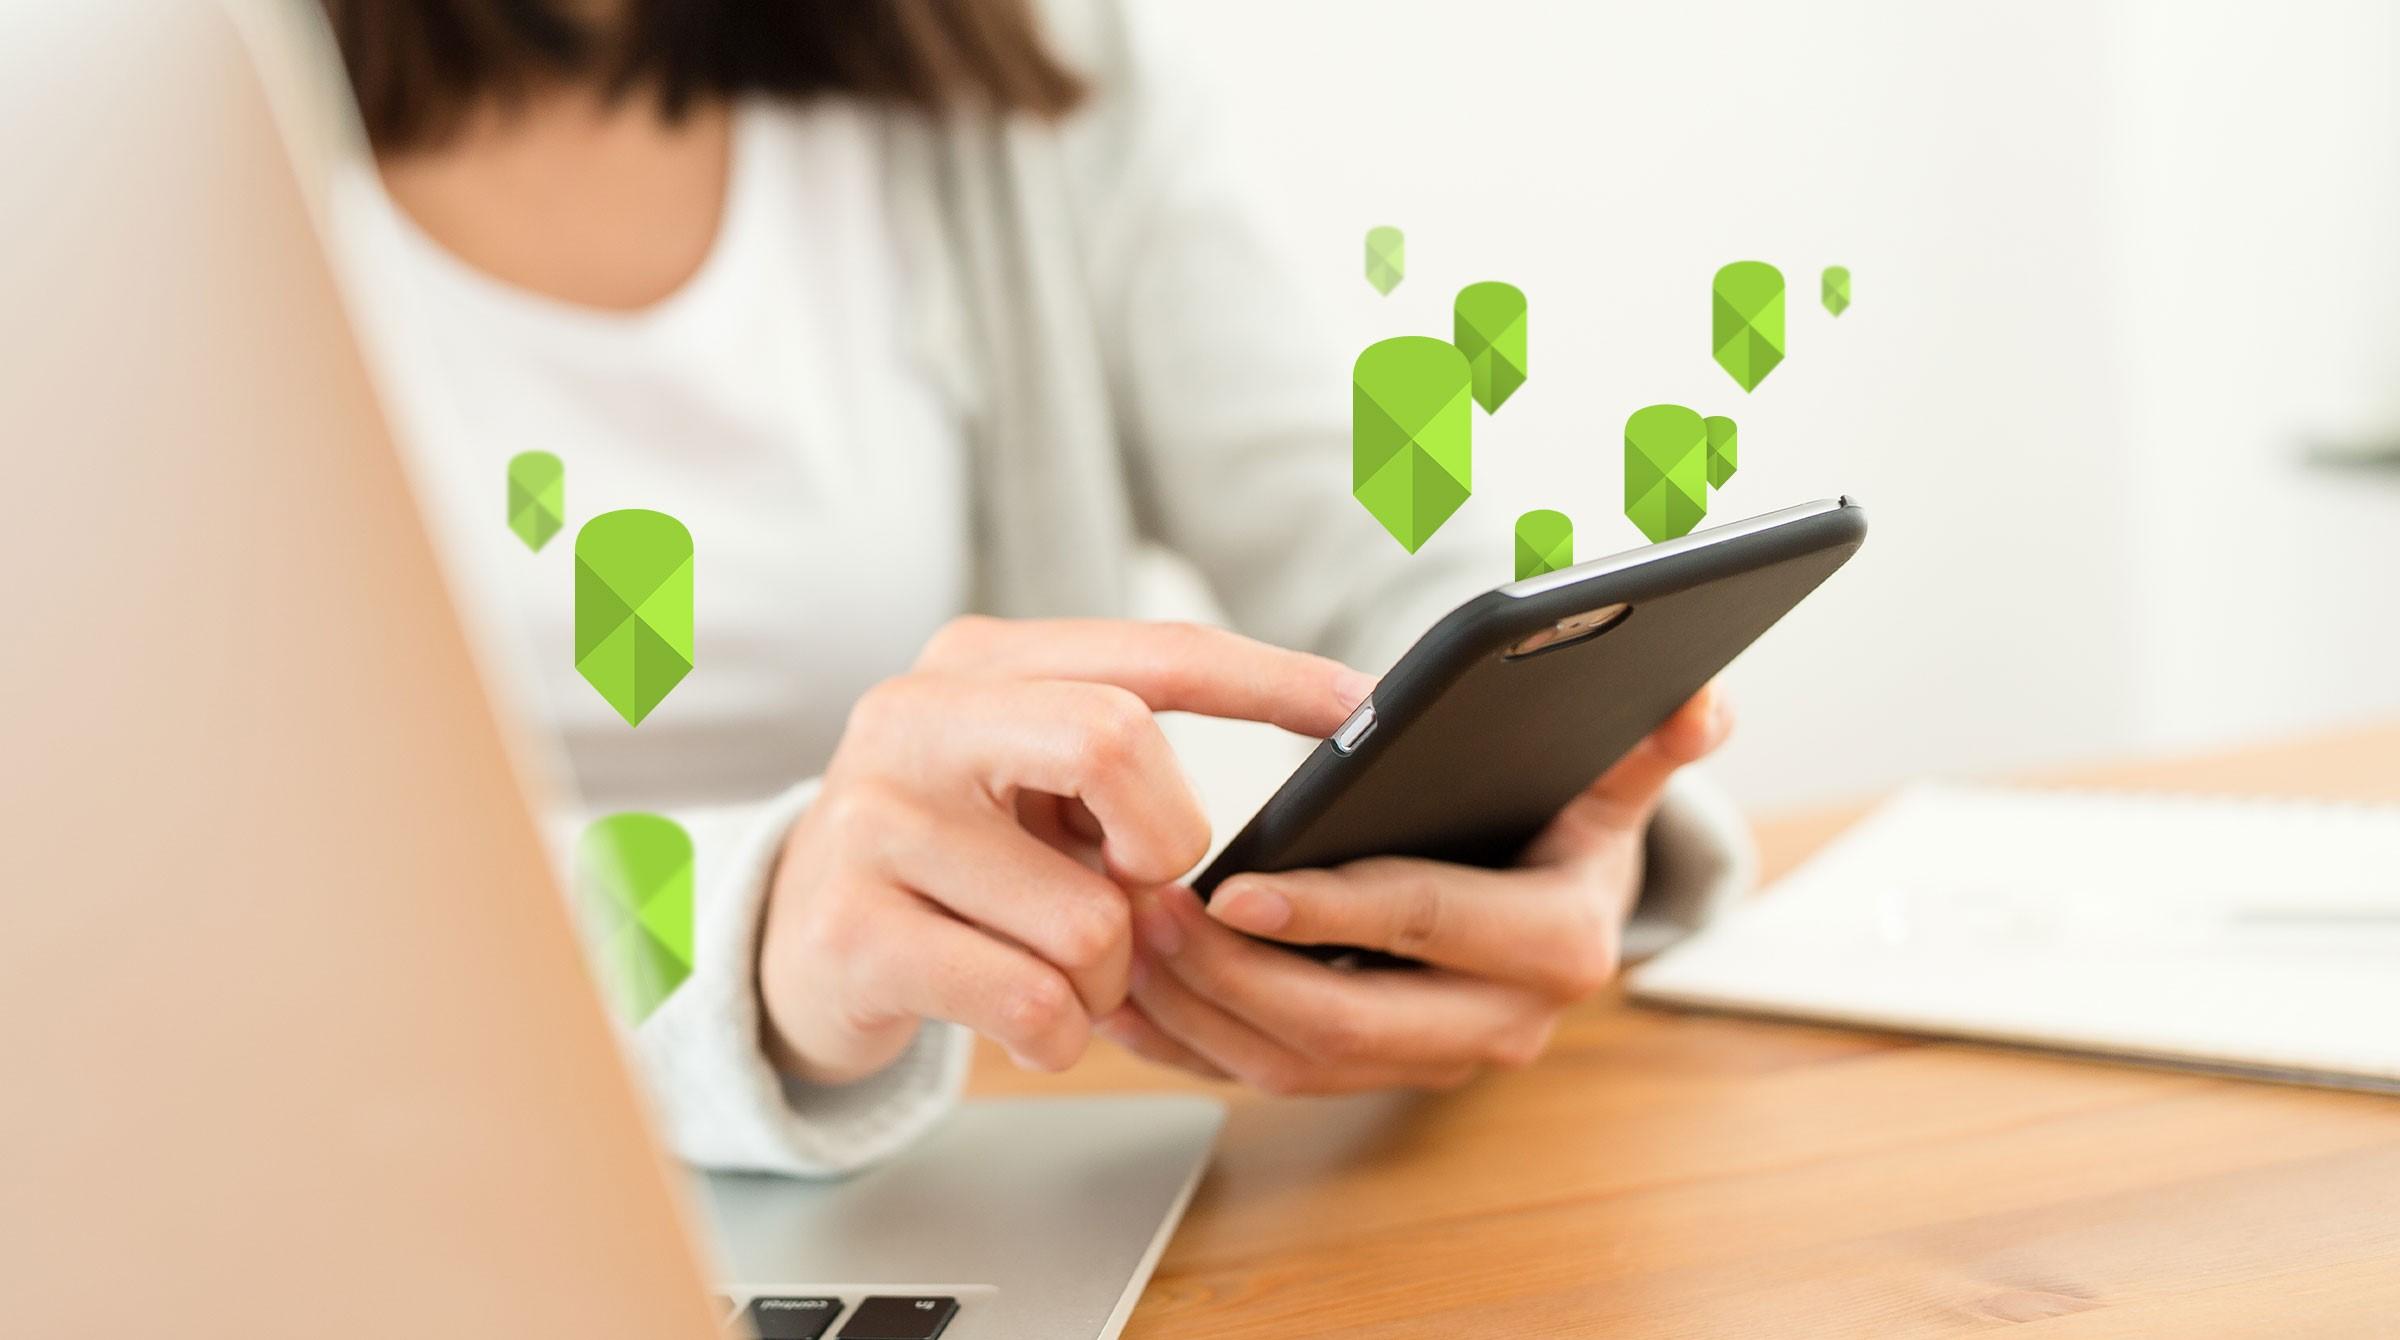 Kvinna, dator, smartphone och platsmarkörer